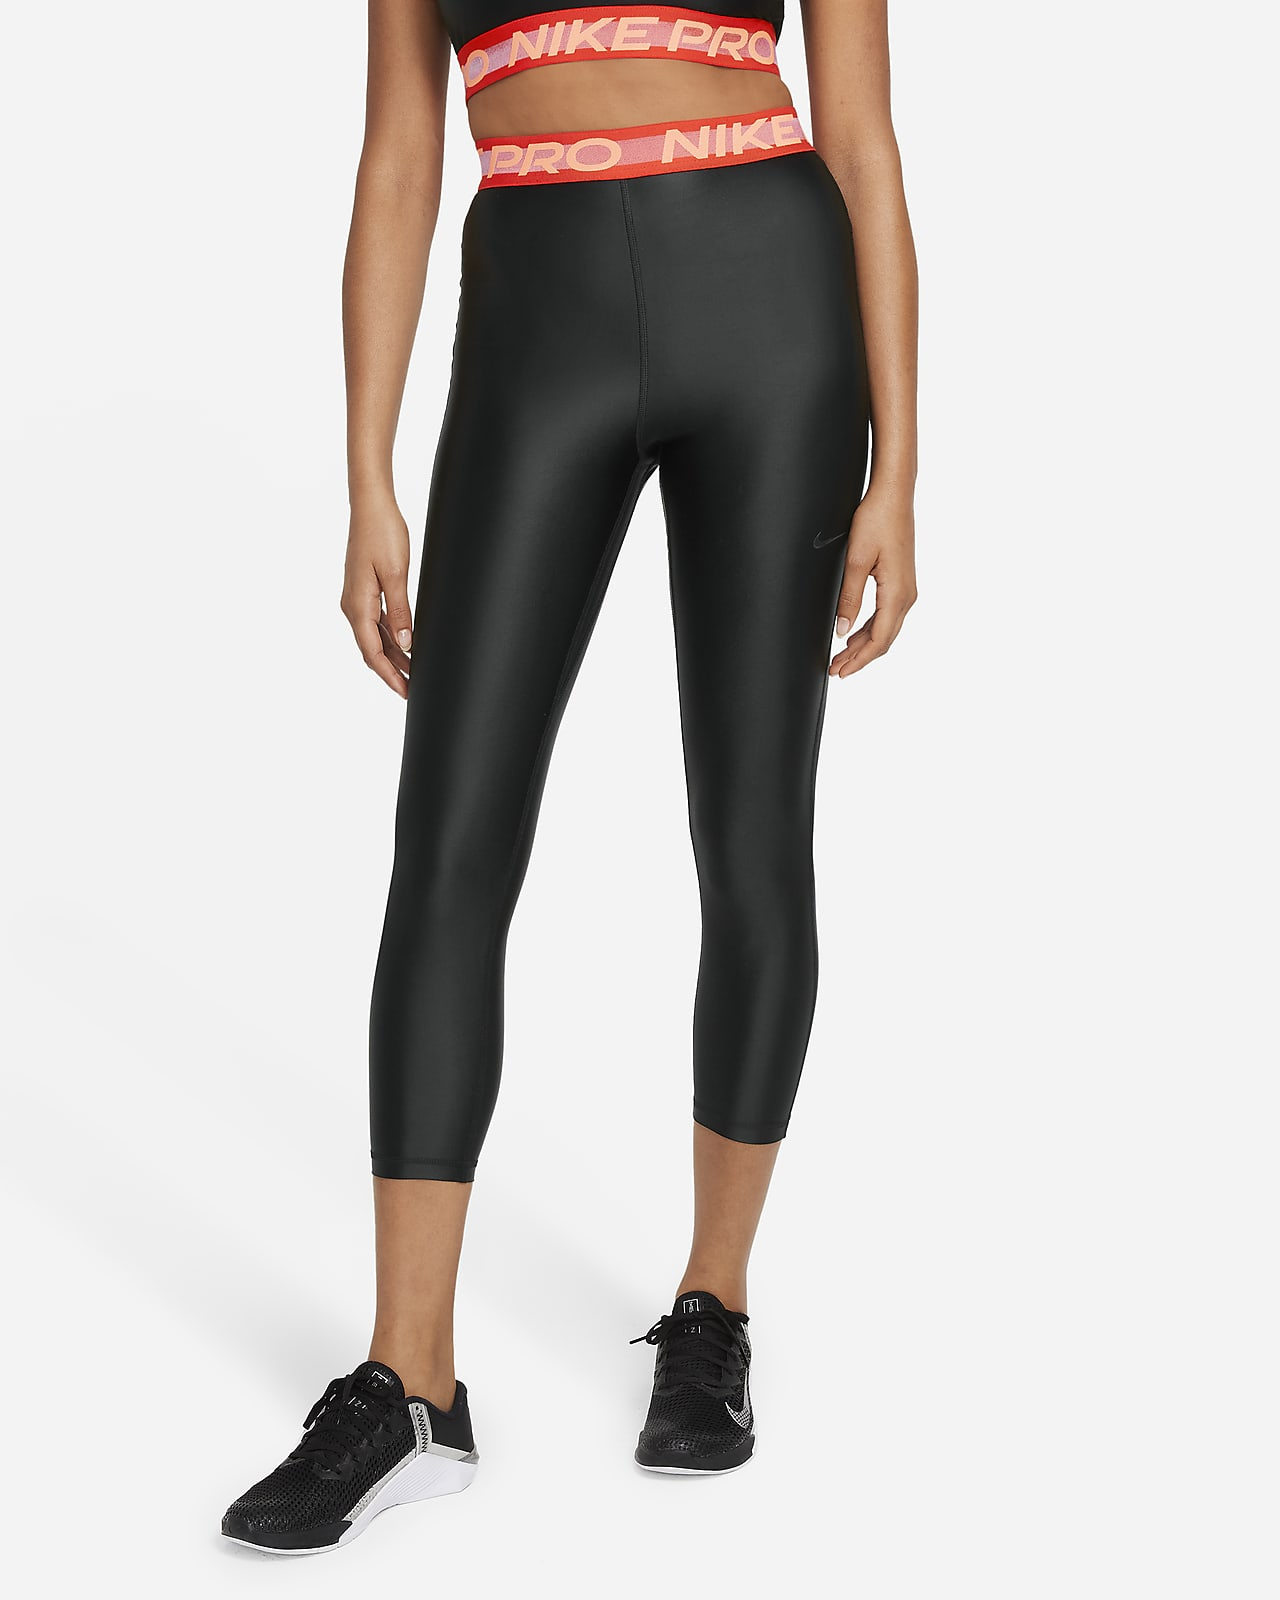 Damskie legginsy 7/8 z wysokim stanem Nike Pro